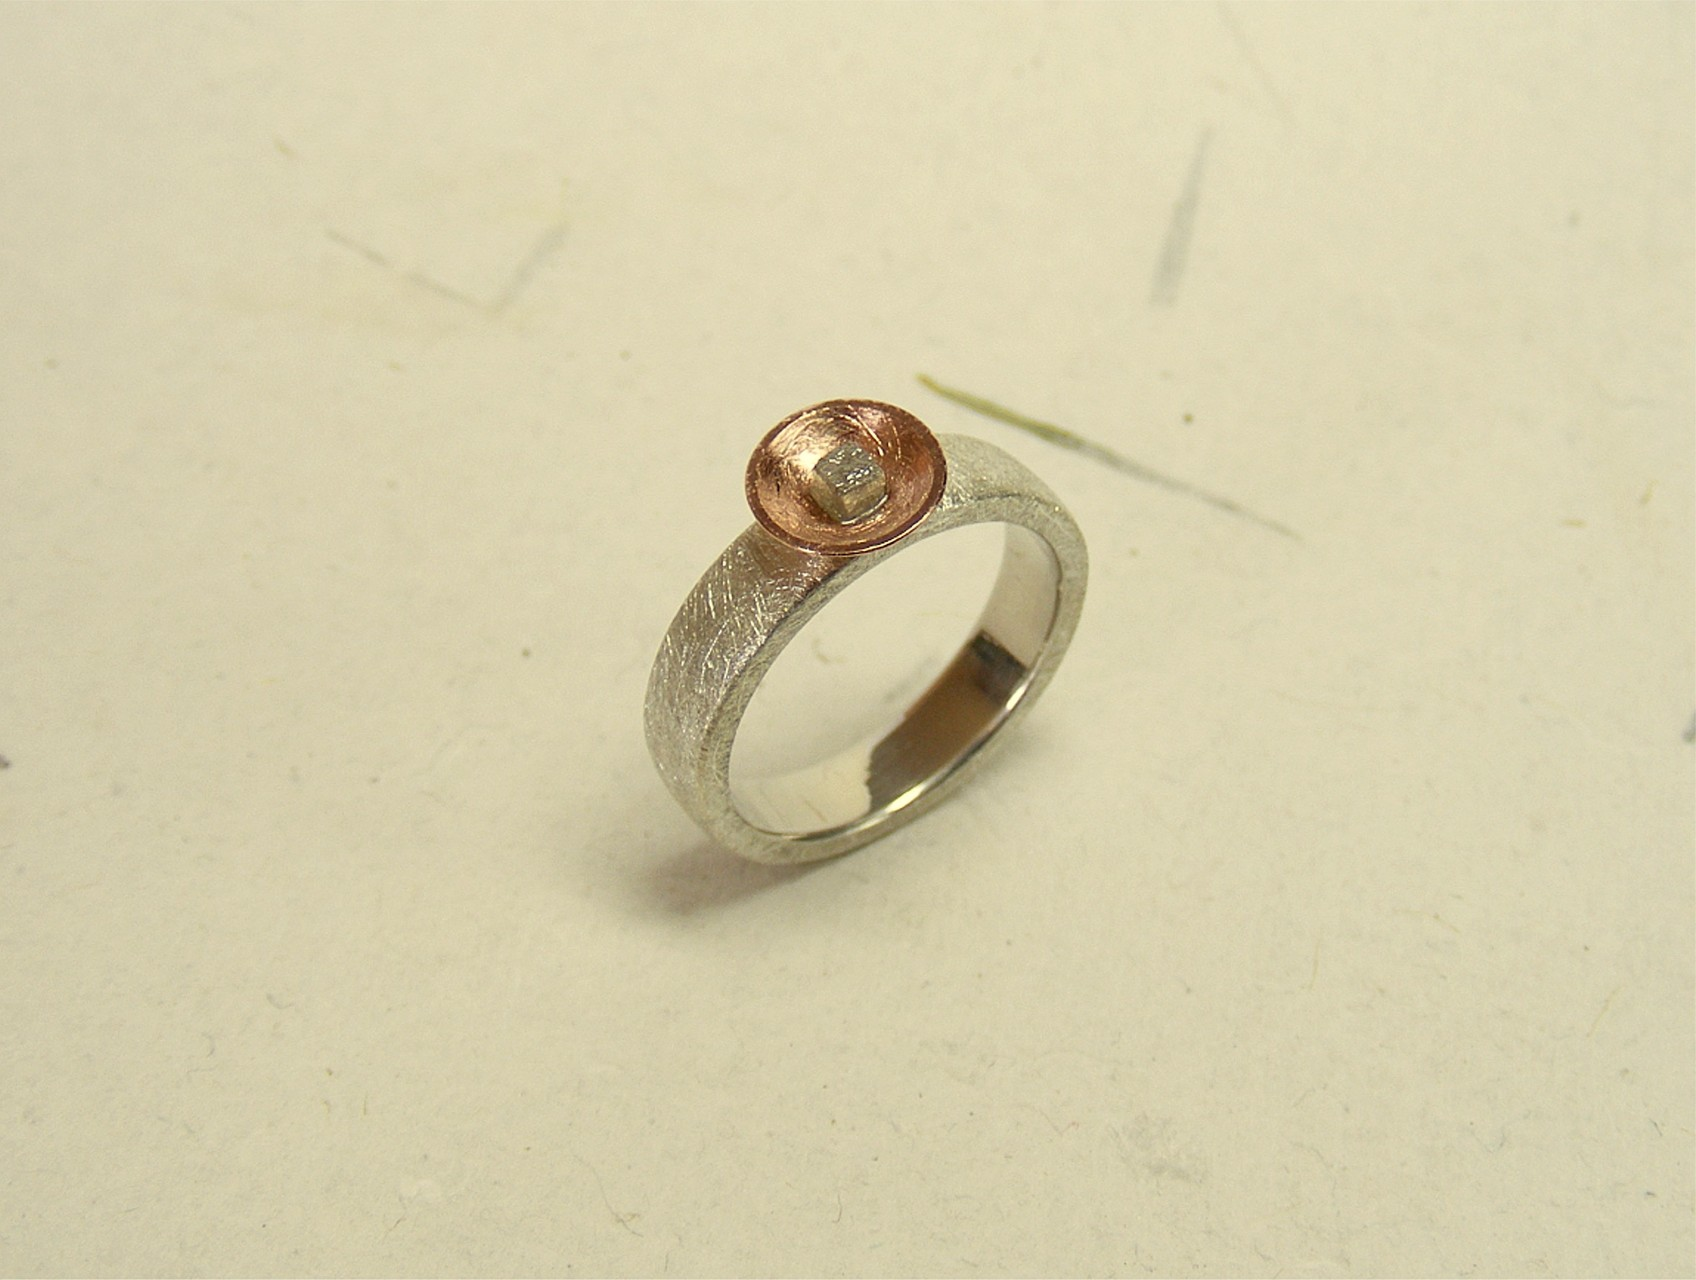 zilver, 14kt roodgoud en ruwe diamant